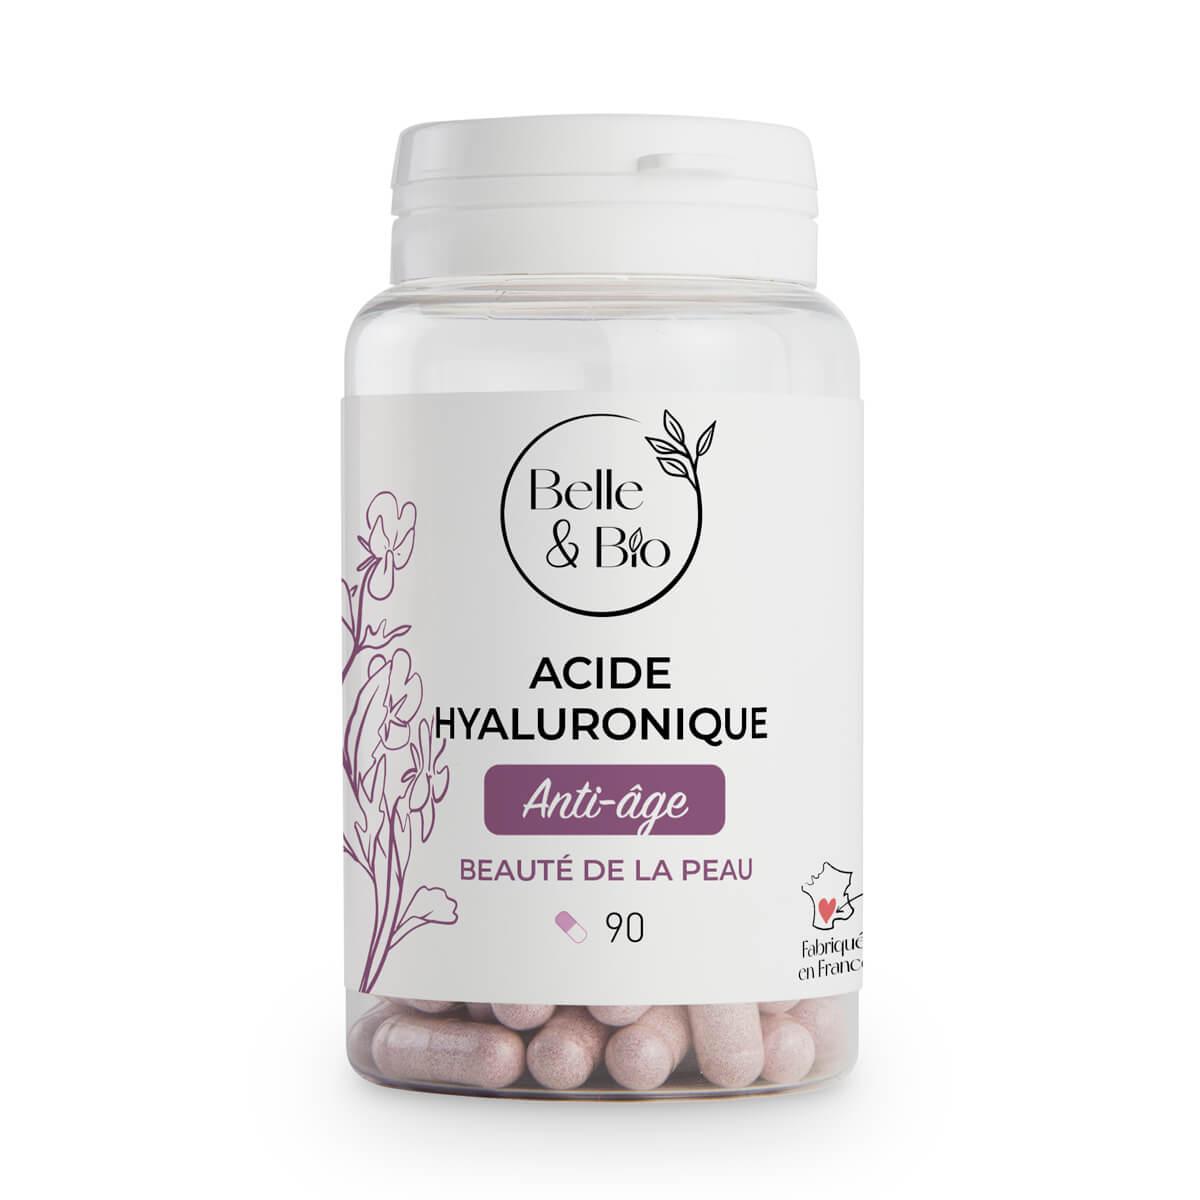 Belle & Bio - Acide Hyaluronique - 90 Gélules